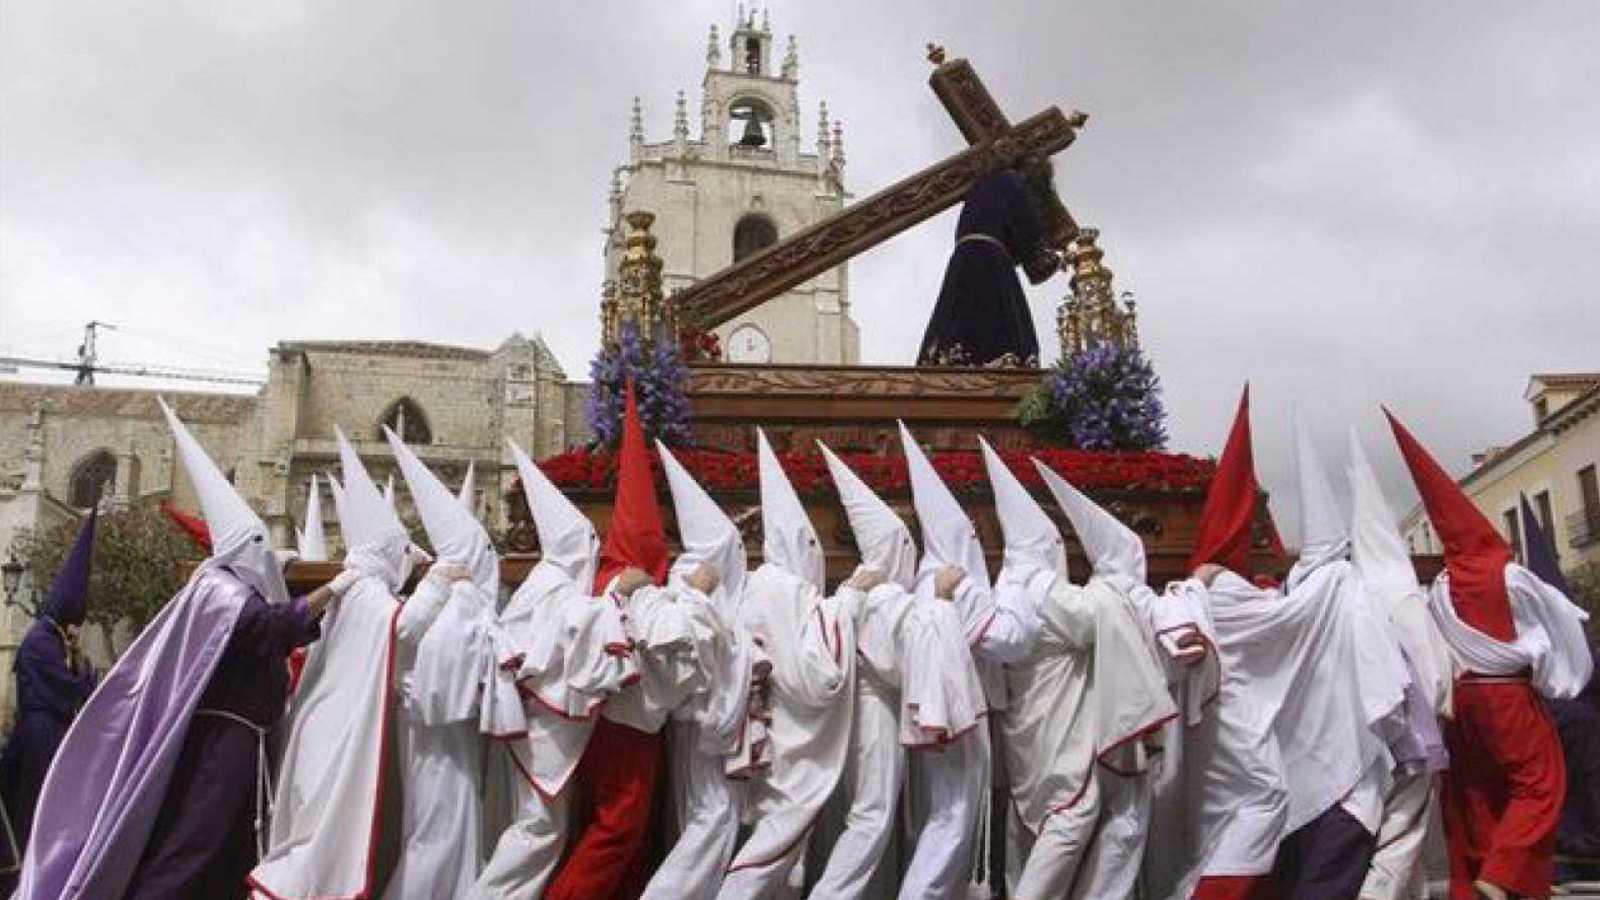 24 horas - Las cofradías se resignan el Segundo Jueves Santo en pandemia - Escuchar ahora